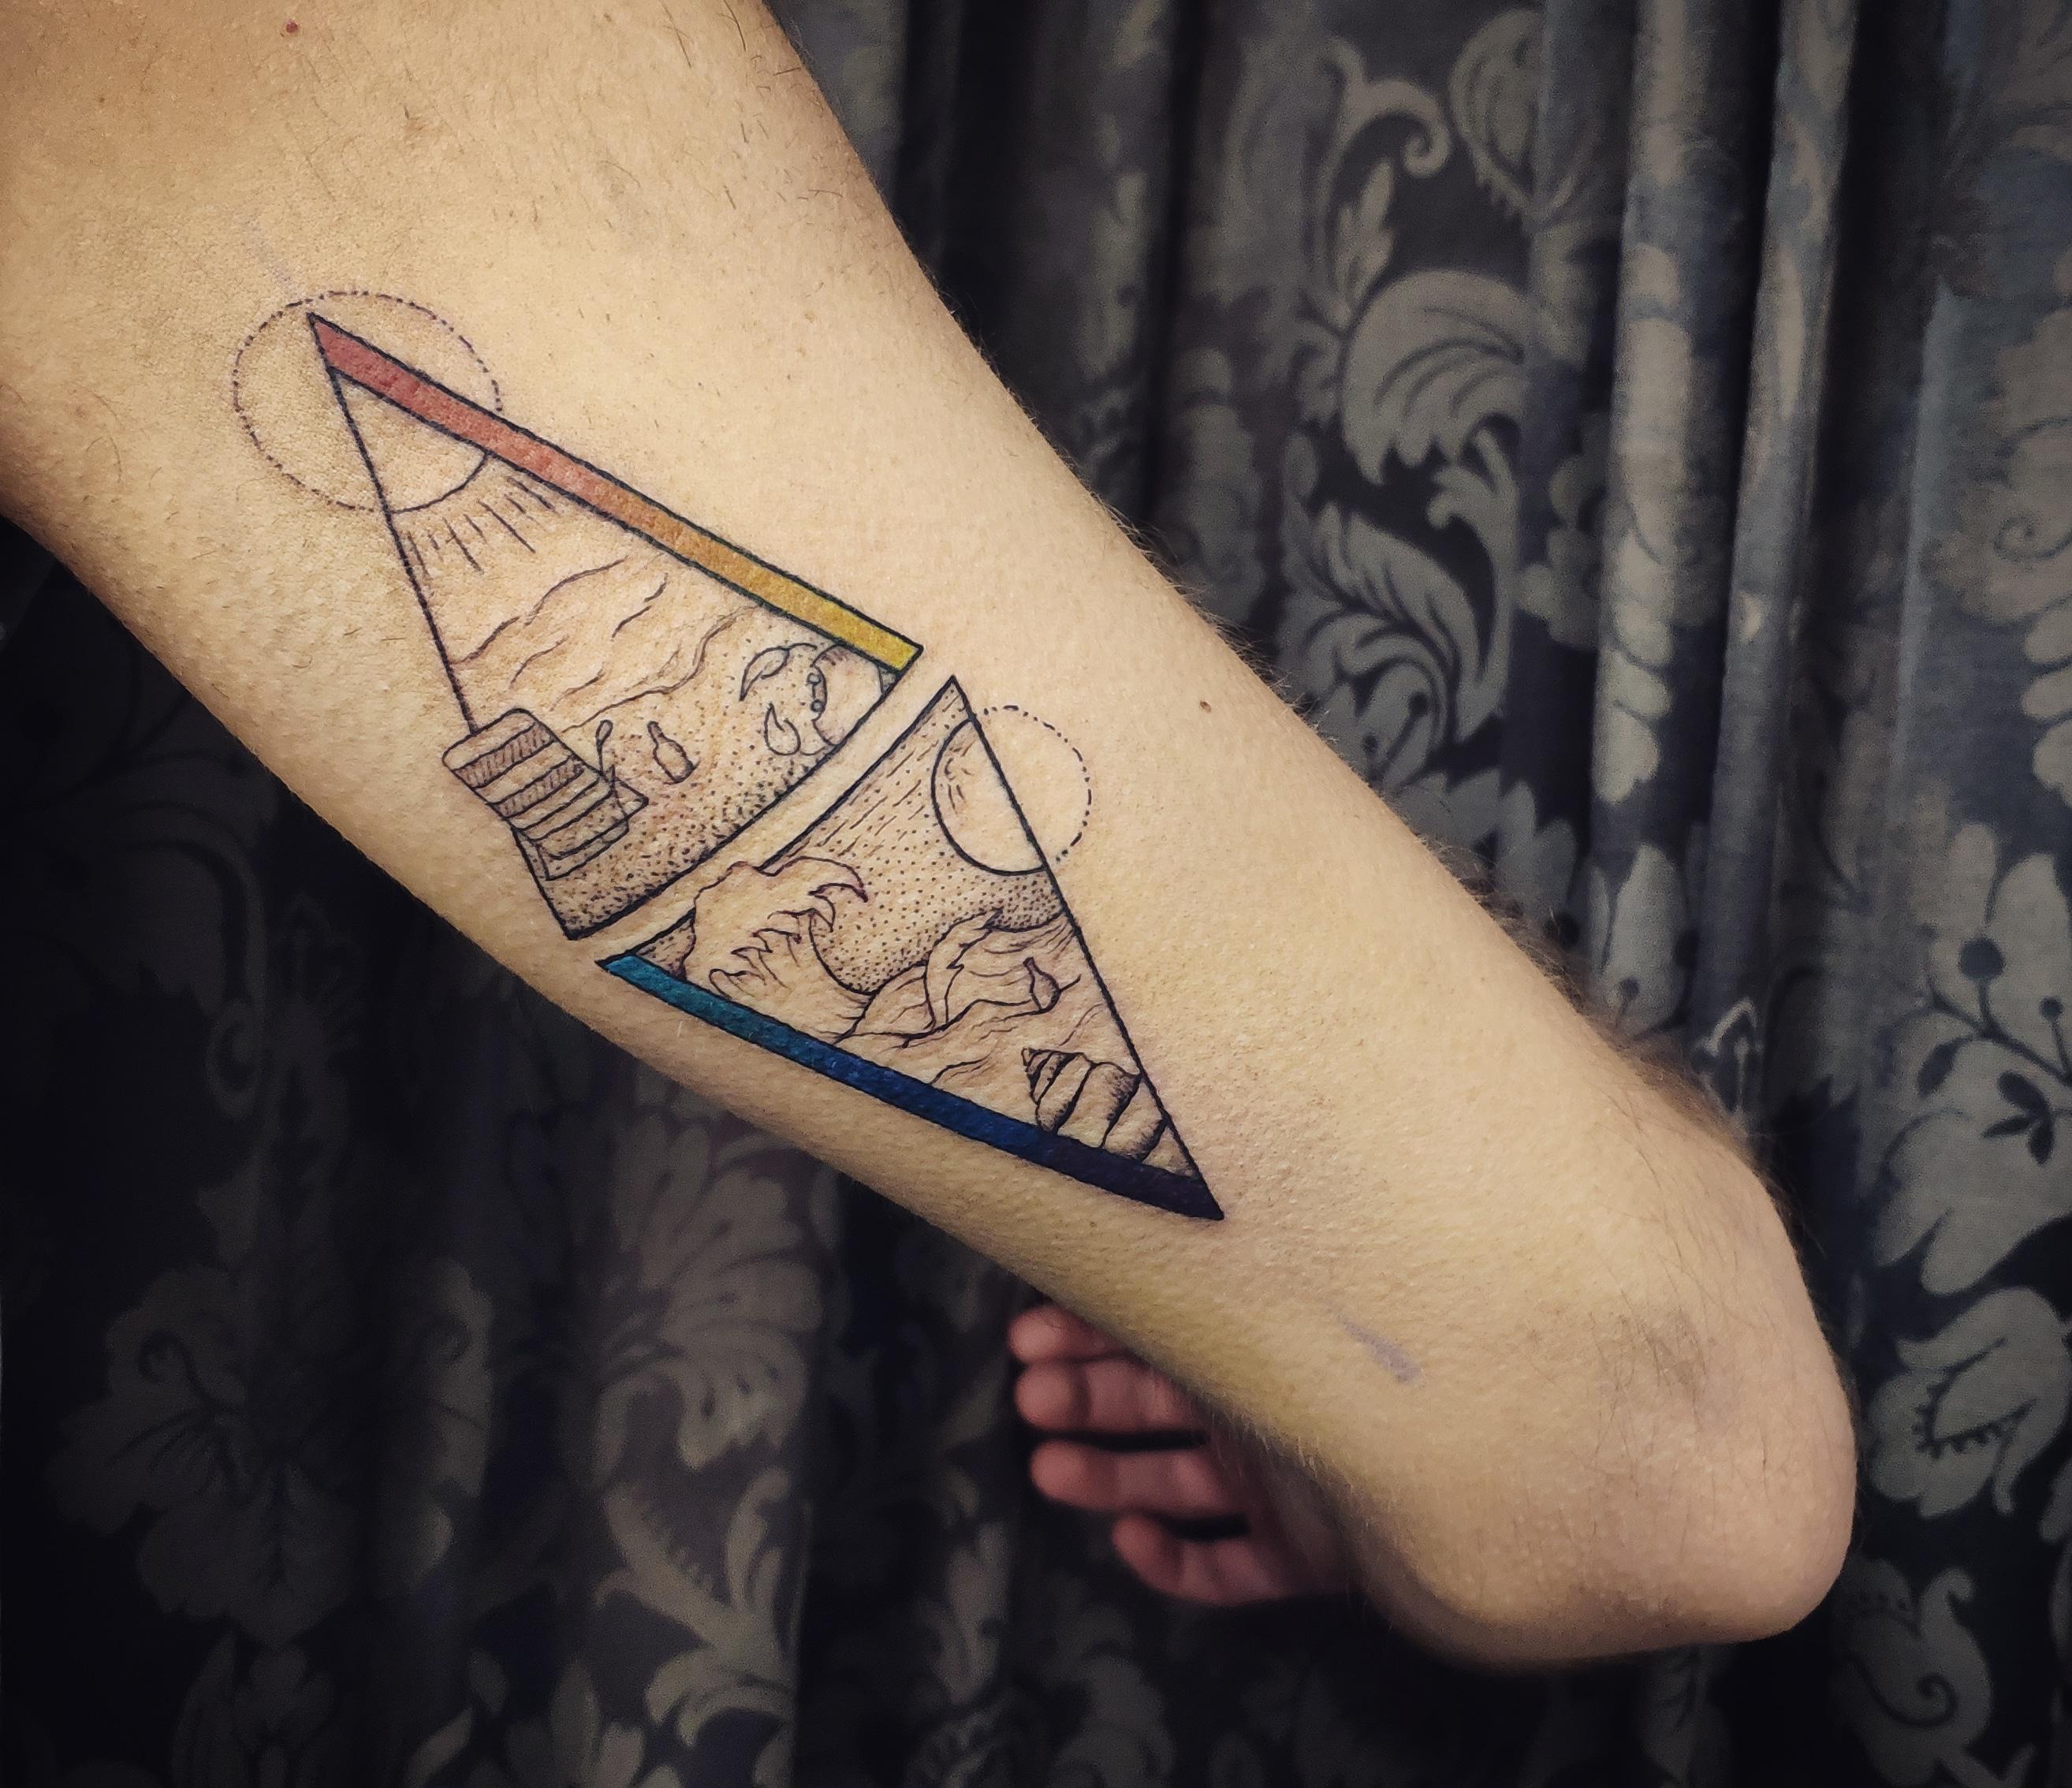 geometria, tatuajegeometrico, madridtattoo, tattooshopmadrid, geometrictattoo, lineamuyfina, tatuajelineafina, finelinetattoo, fineline, hiperfineline, mejorestatuajesmadrid, lineafinamadrid, puntillismomadrid